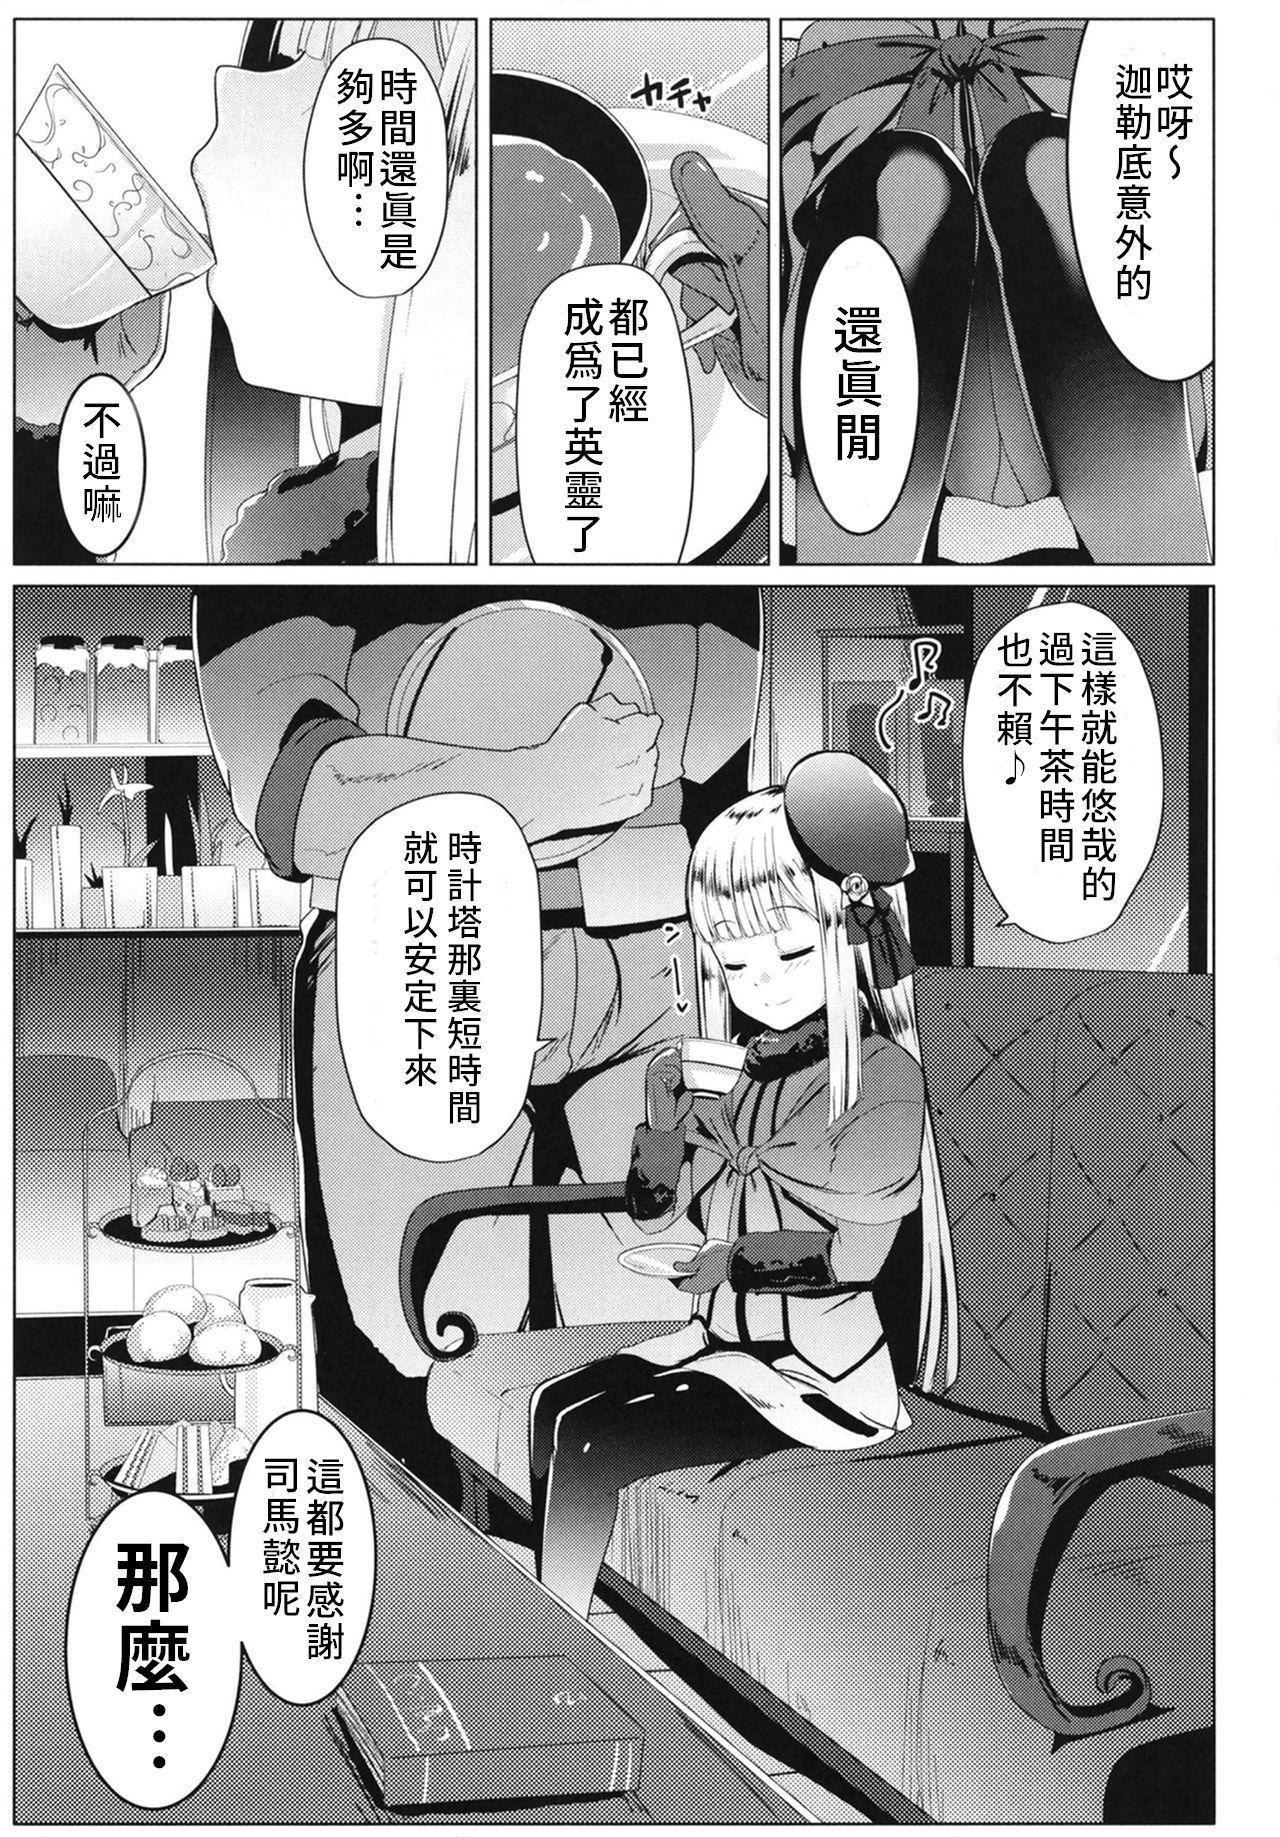 Neoki no Shishou wa Tonikaku Eroi | 剛睡起的師傅就是H 5